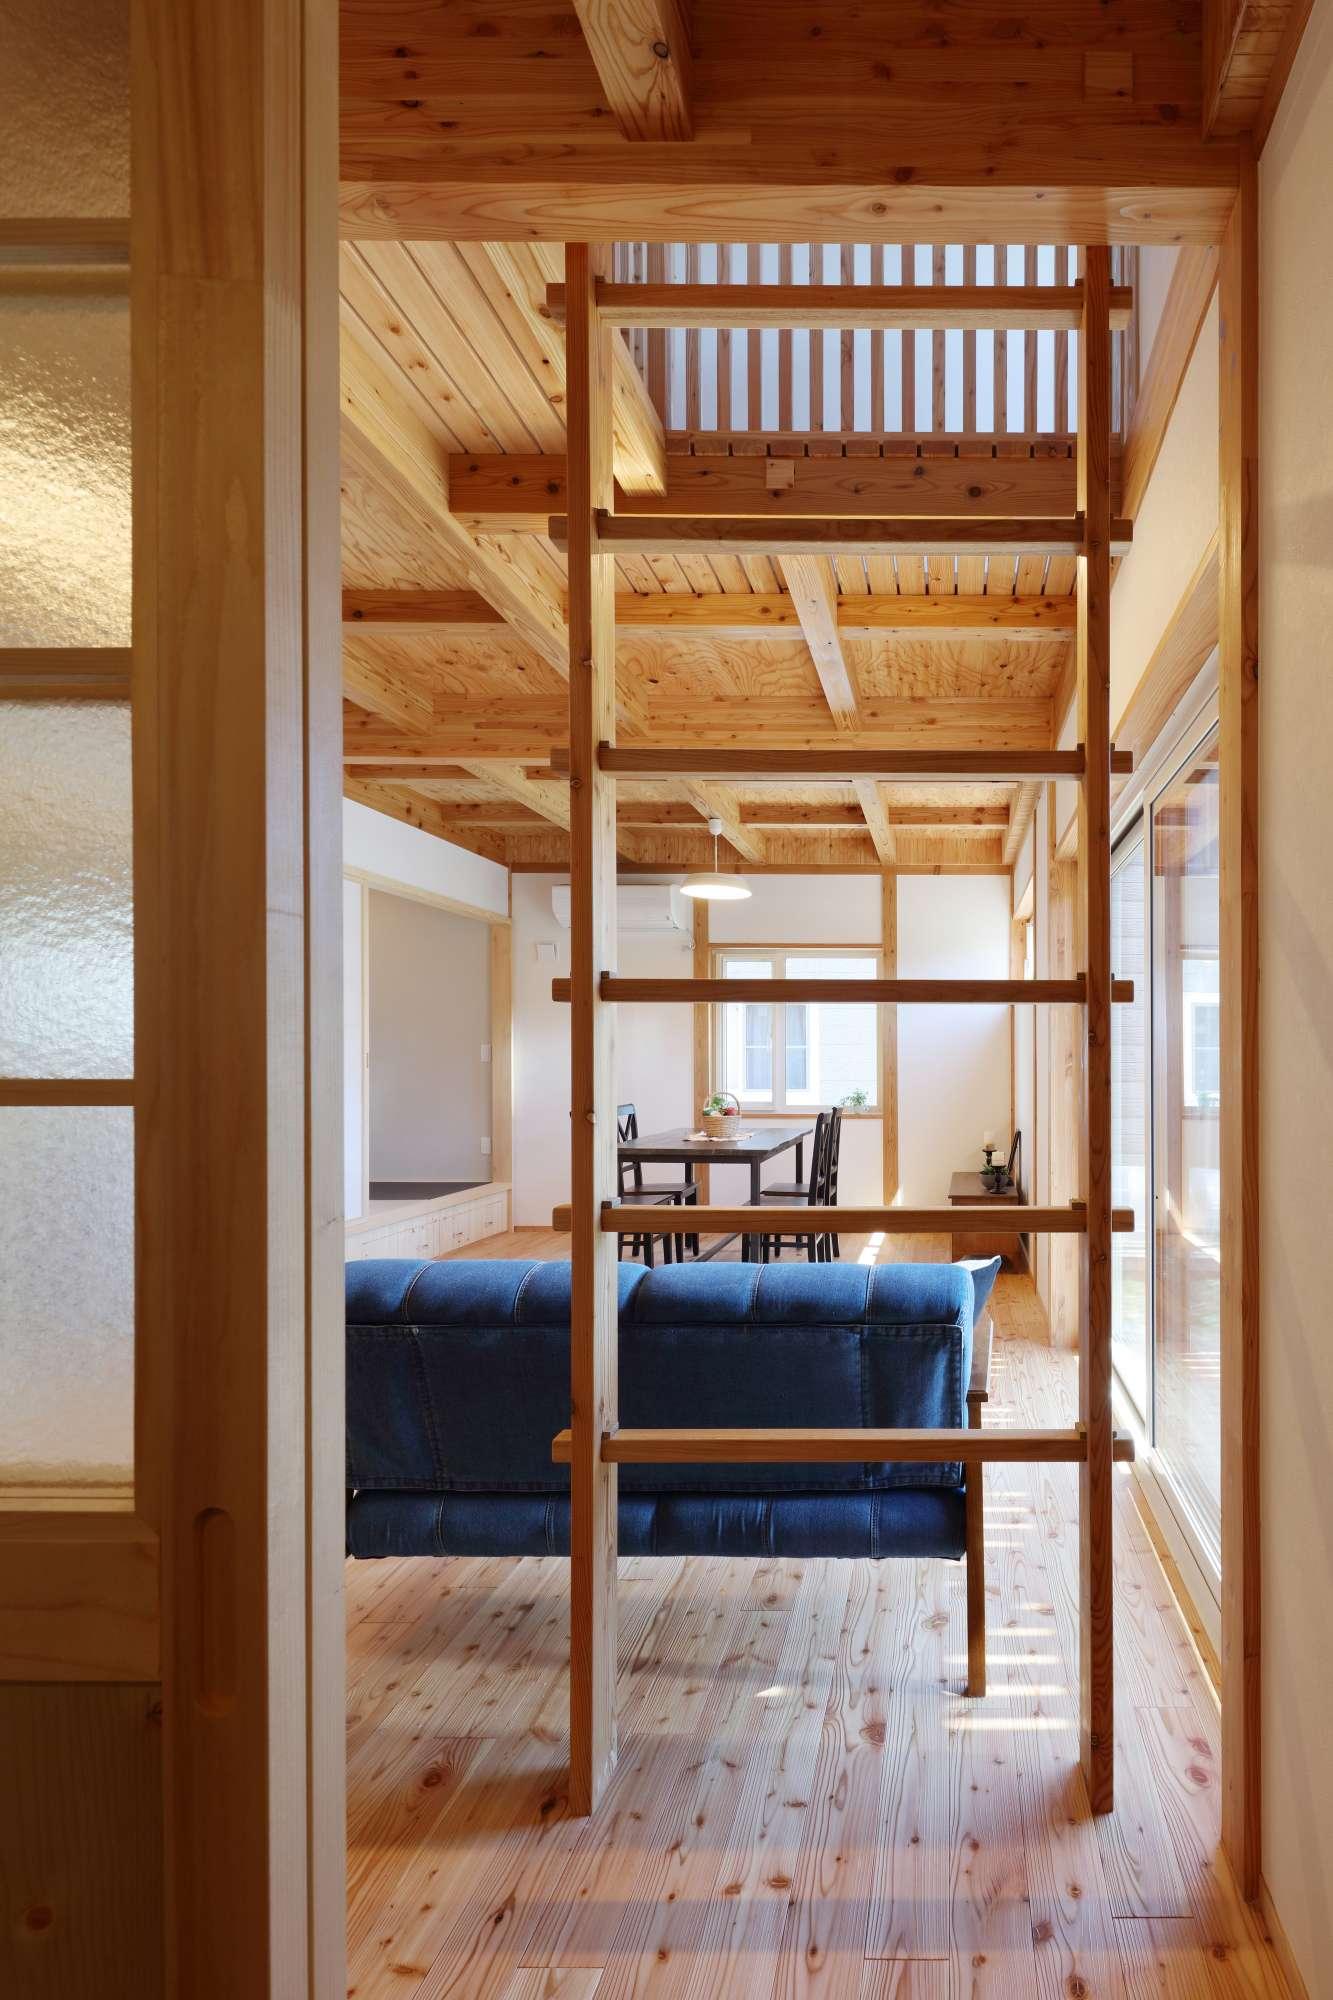 木の家の魅力がぎゅっと詰まったリビング -  -  -